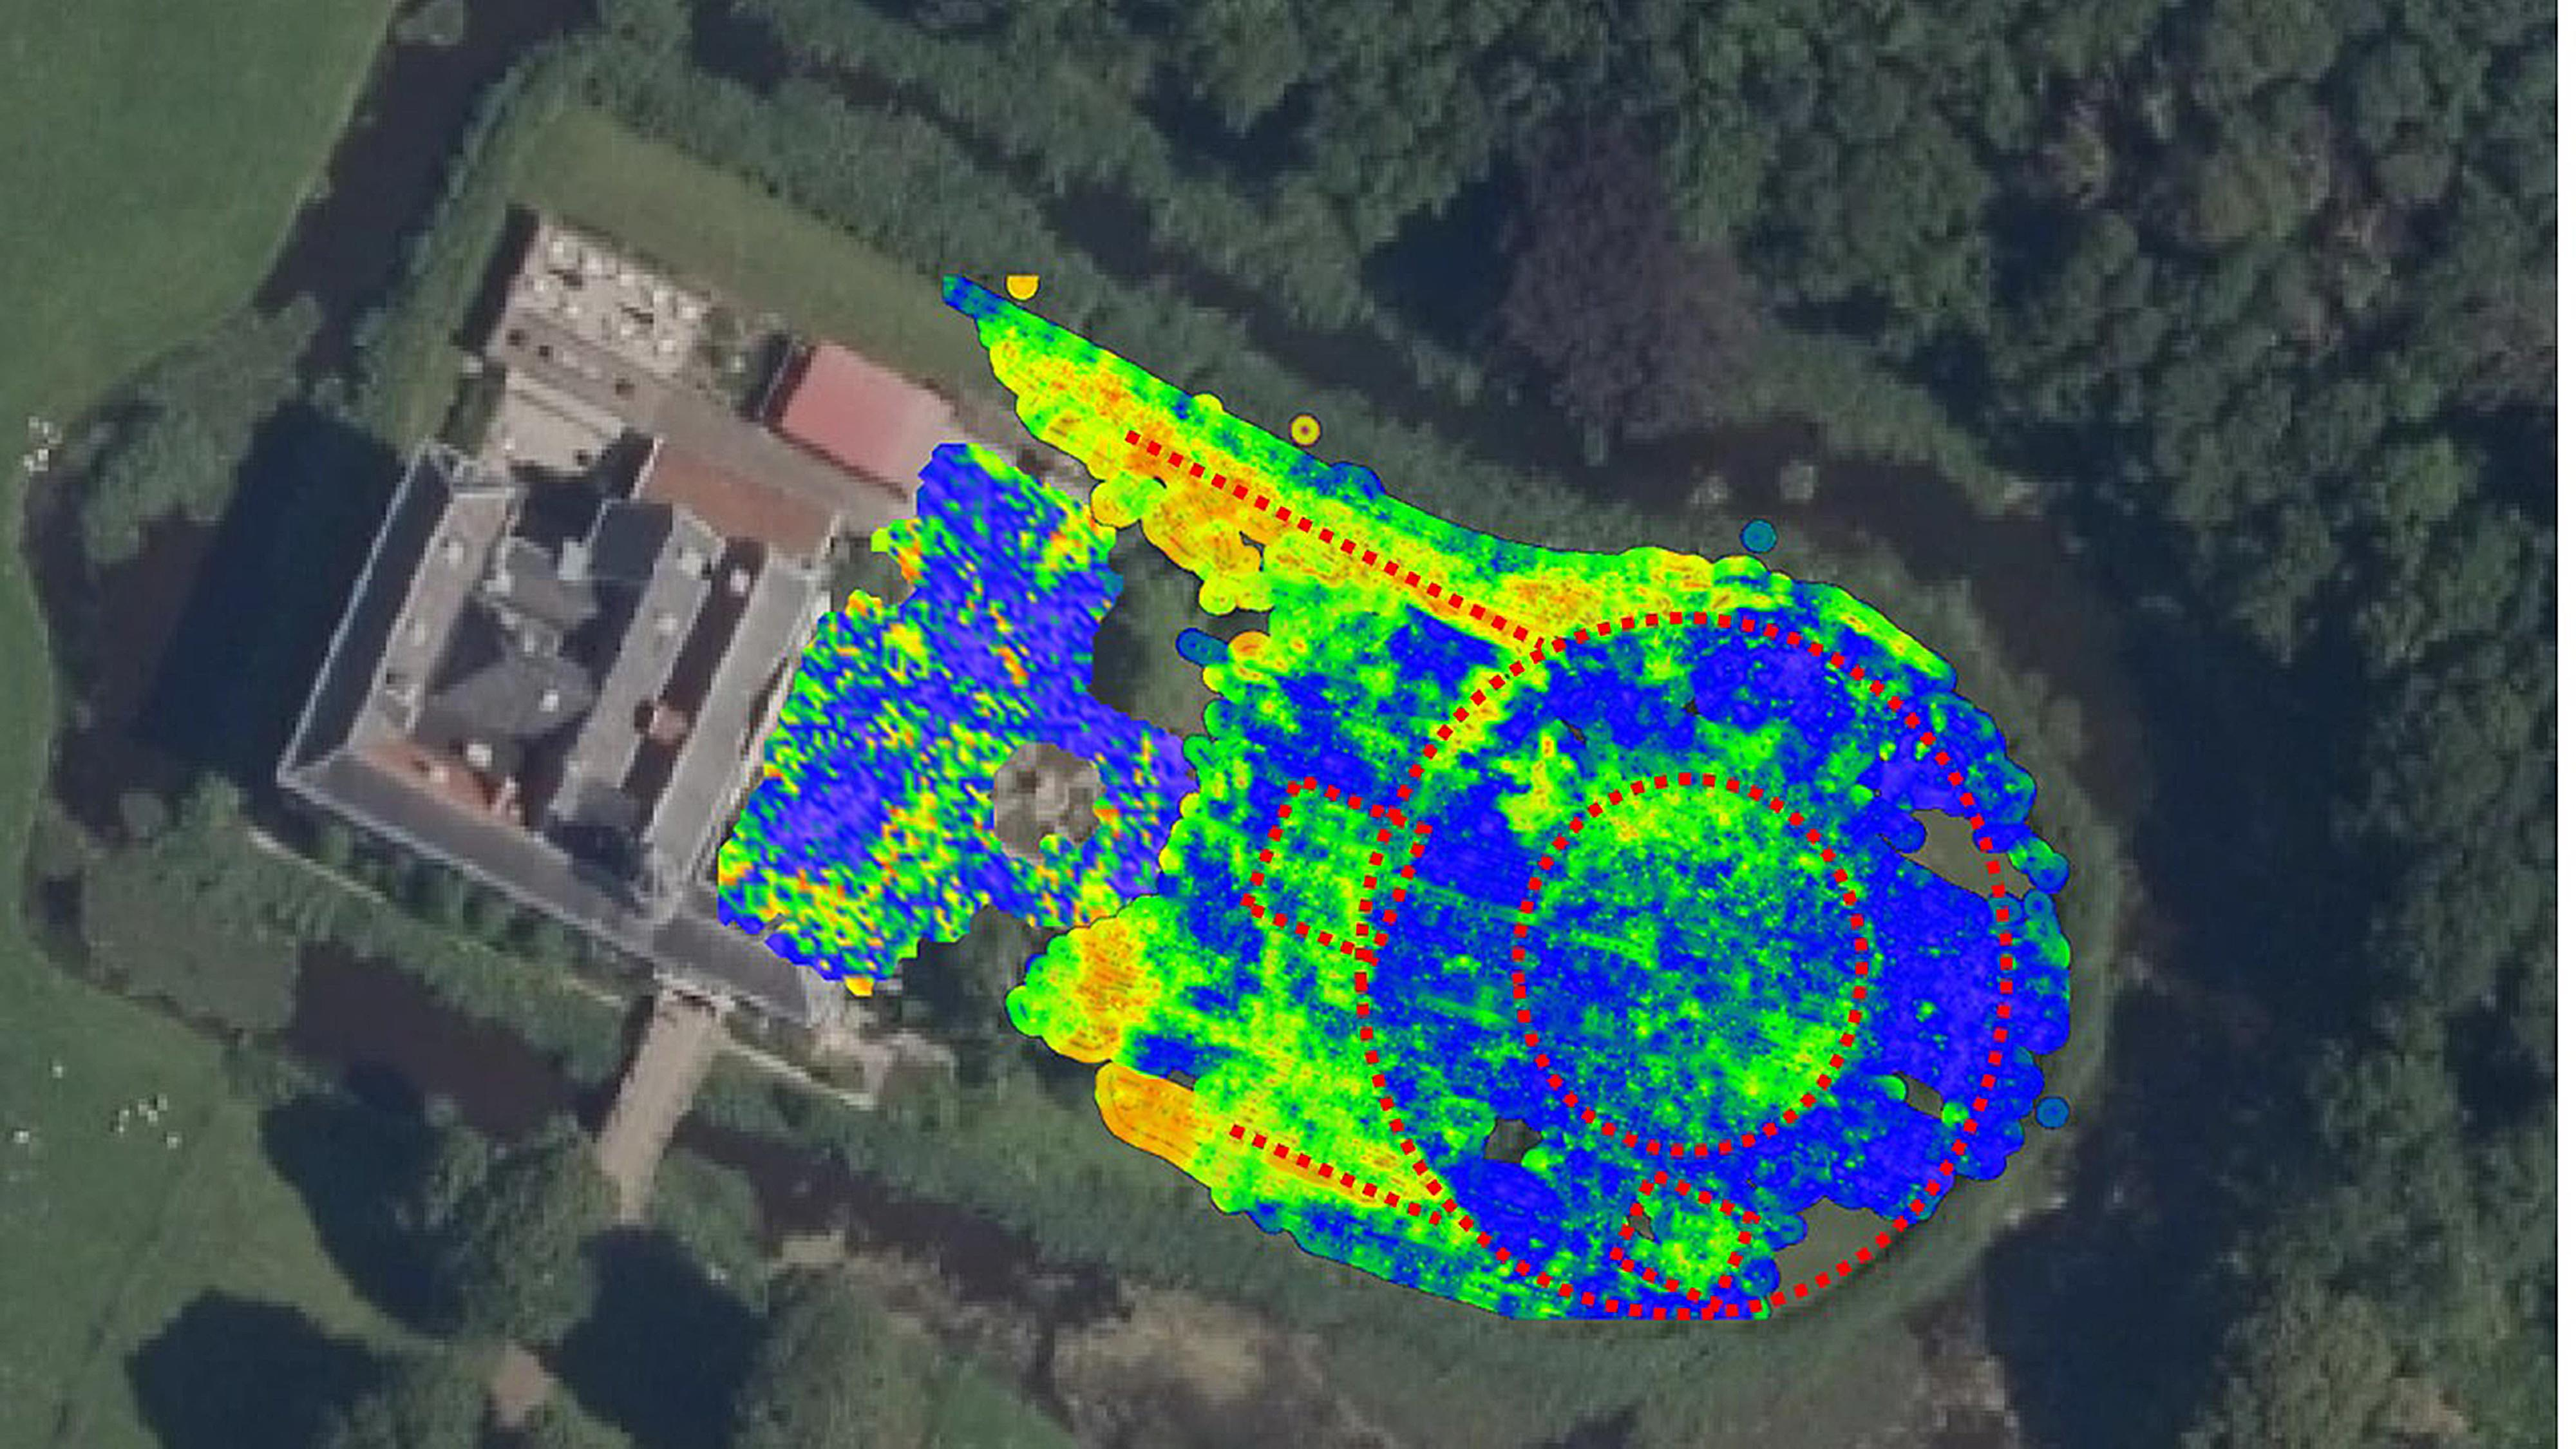 Het fraaie landgoed Marquette in Heemskerk was ooit een machtig bolwerk. Dankzij radartechniek komt de burcht 'bovengronds'. 'Het kasteel moest de Friezen op afstand houden'